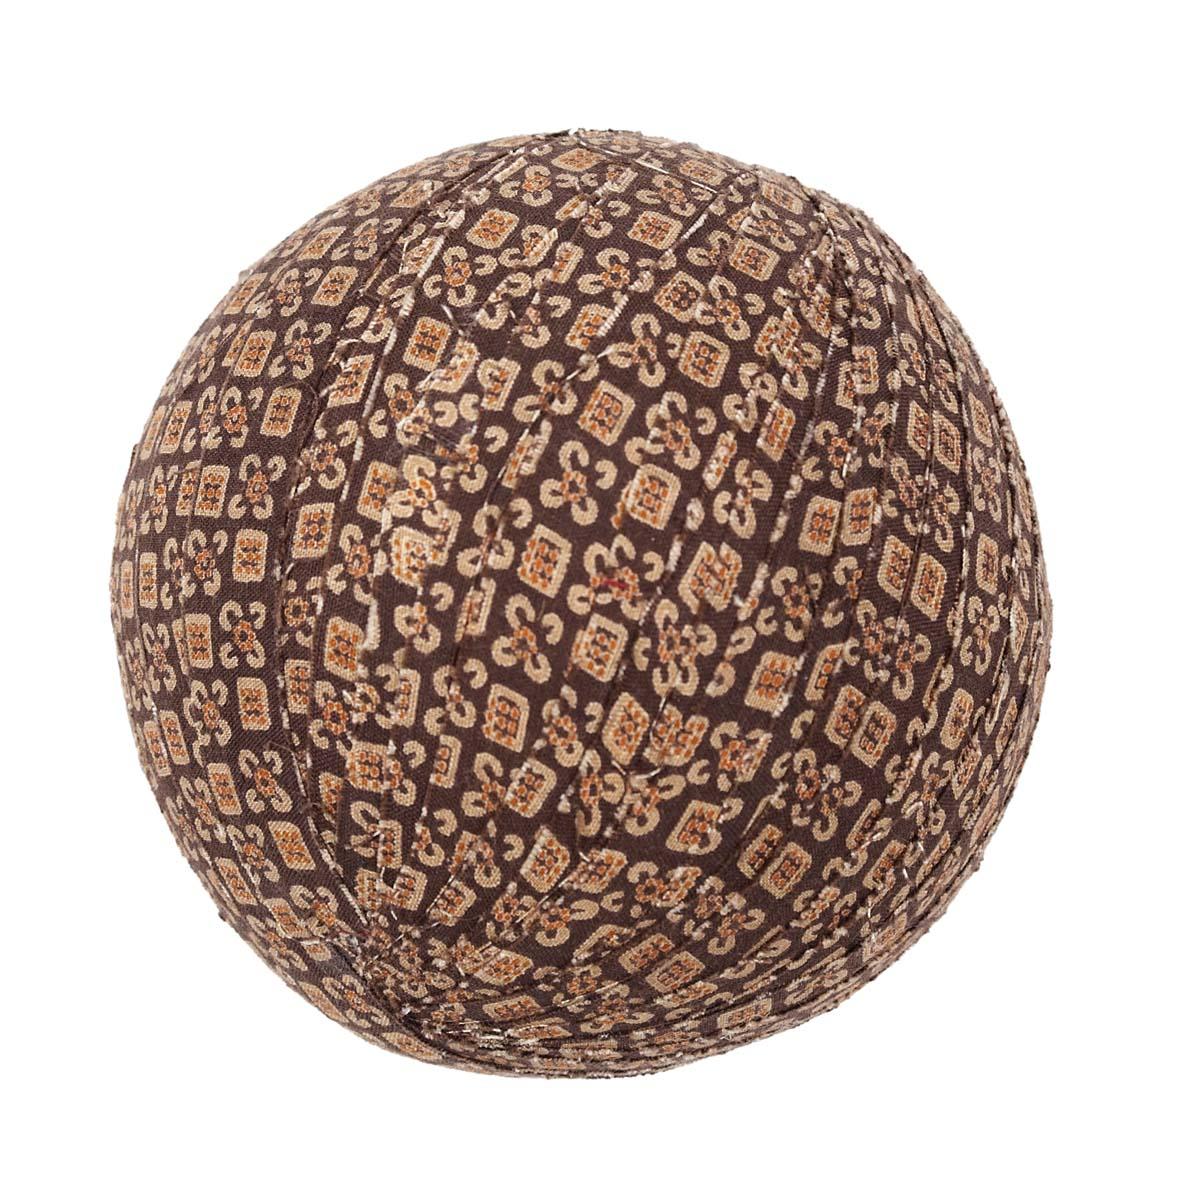 Tacoma Fabric Ball #10-4